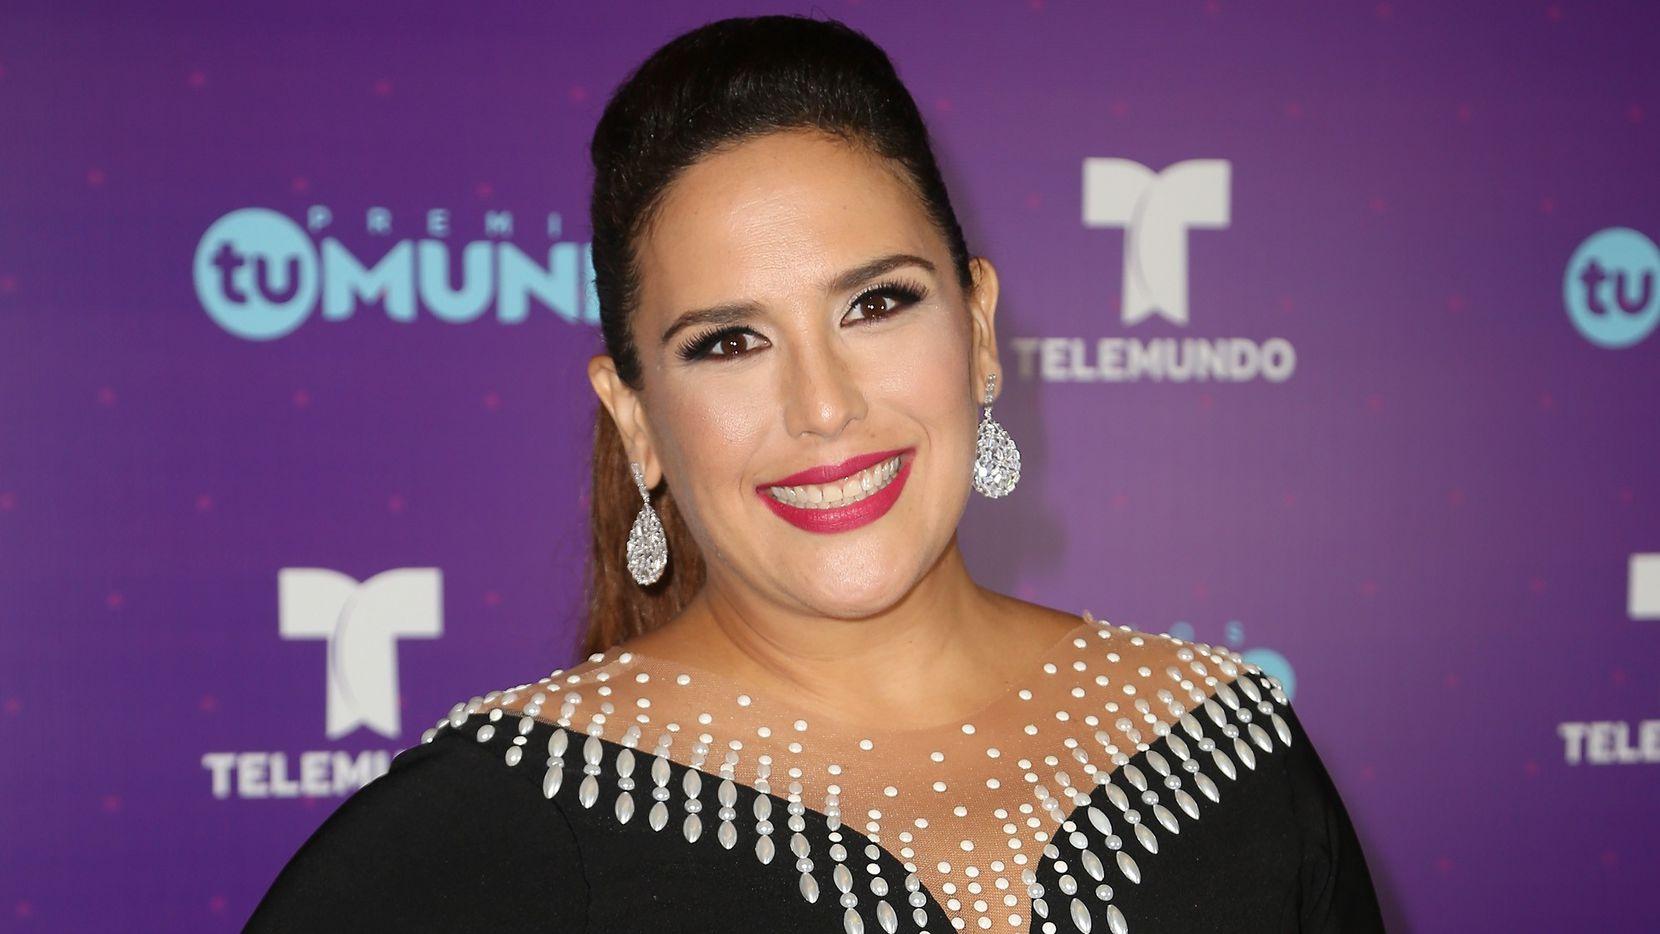 La actriz mexicana Angélica Vale se convirtió  oficialmente en ciudadana estadounidense, tras la ceremonia de juramento./AGENCIA REFORMA